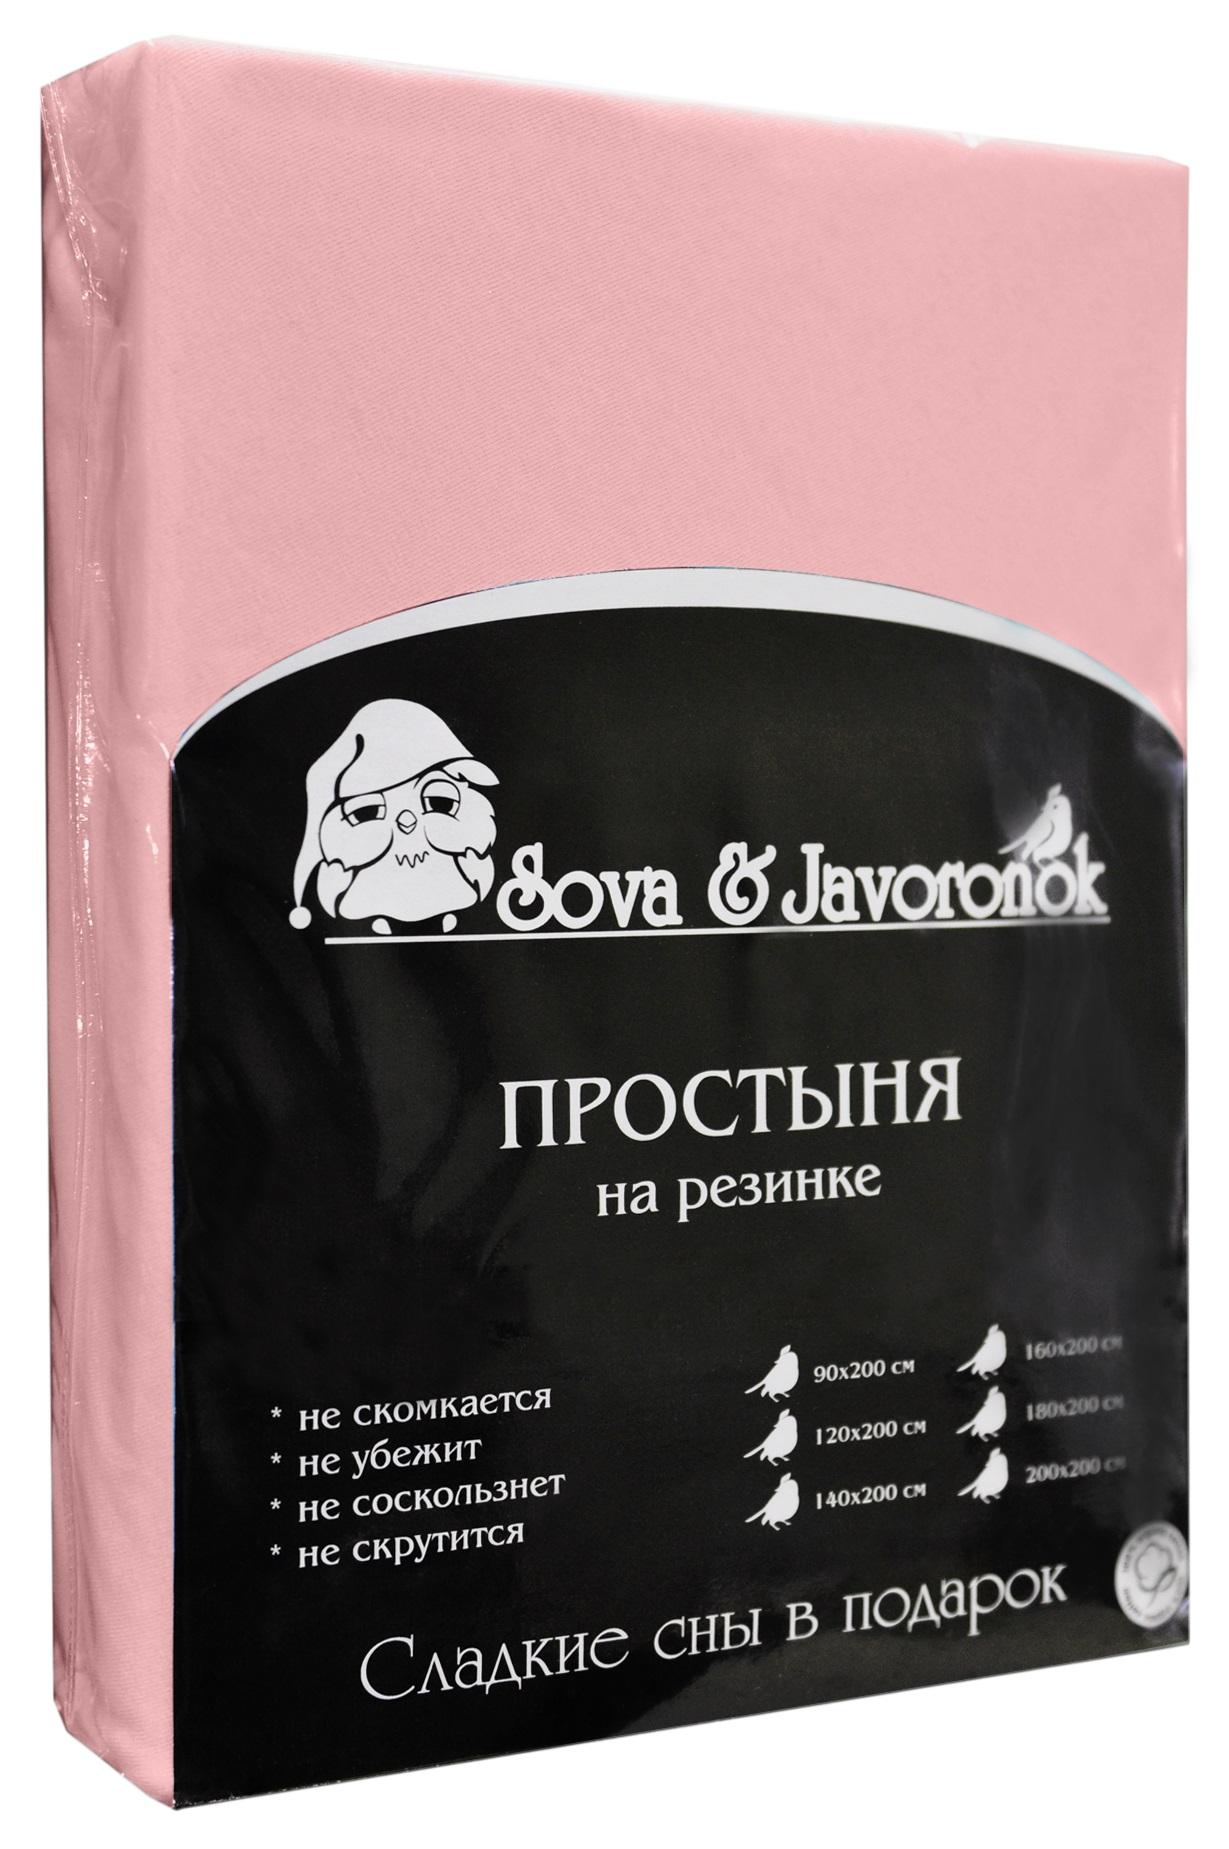 Простыня на резинке Sova & Javoronok, цвет: светло-розовый, 90 х 200 см0803114198Простыня на резинке Sova & Javoronok, изготовленная из трикотажной ткани (100% хлопок), будет превосходно смотреться с любыми комплектами белья. Хлопчатобумажный трикотаж по праву считается одним из самых качественных, прочных и при этом приятных на ощупь. Его гигиеничность позволяет использовать простыню и в детских комнатах, к тому же 100%-ый хлопок в составе ткани не вызовет аллергии. У трикотажного полотна очень интересная структура, немного рыхлая за счет отсутствия плотного переплетения нитей и наличия особых петель, благодаря этому простыня Сова и Жаворонок отлично пропускает воздух и способствует его постоянной циркуляции. Поэтому ваша постель будет всегда оставаться свежей. Но главное и, пожалуй, самое известное свойство трикотажа - это его великолепная растяжимость, поэтому эта ткань и была выбрана для натяжной простыни на резинке.Простыня прошита резинкой по всему периметру, что обеспечивает более комфортный отдых, так как она прочно удерживается на матрасе и избавляет от необходимости часто поправлять простыню.